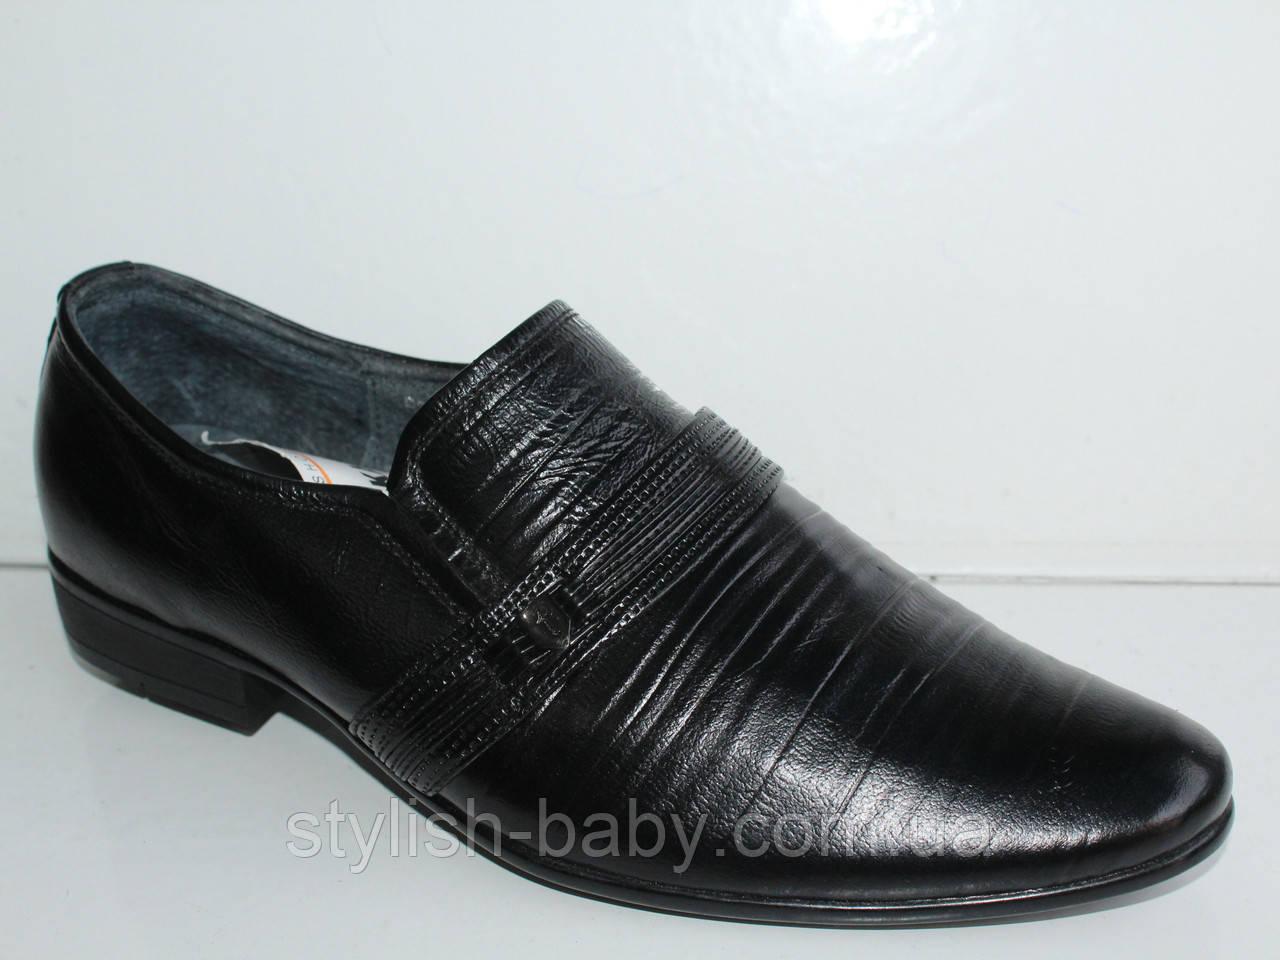 Школьная обувь. Подростковые кожаные туфли бренда Kangfu для мальчиков (рр. с 36 по 41)